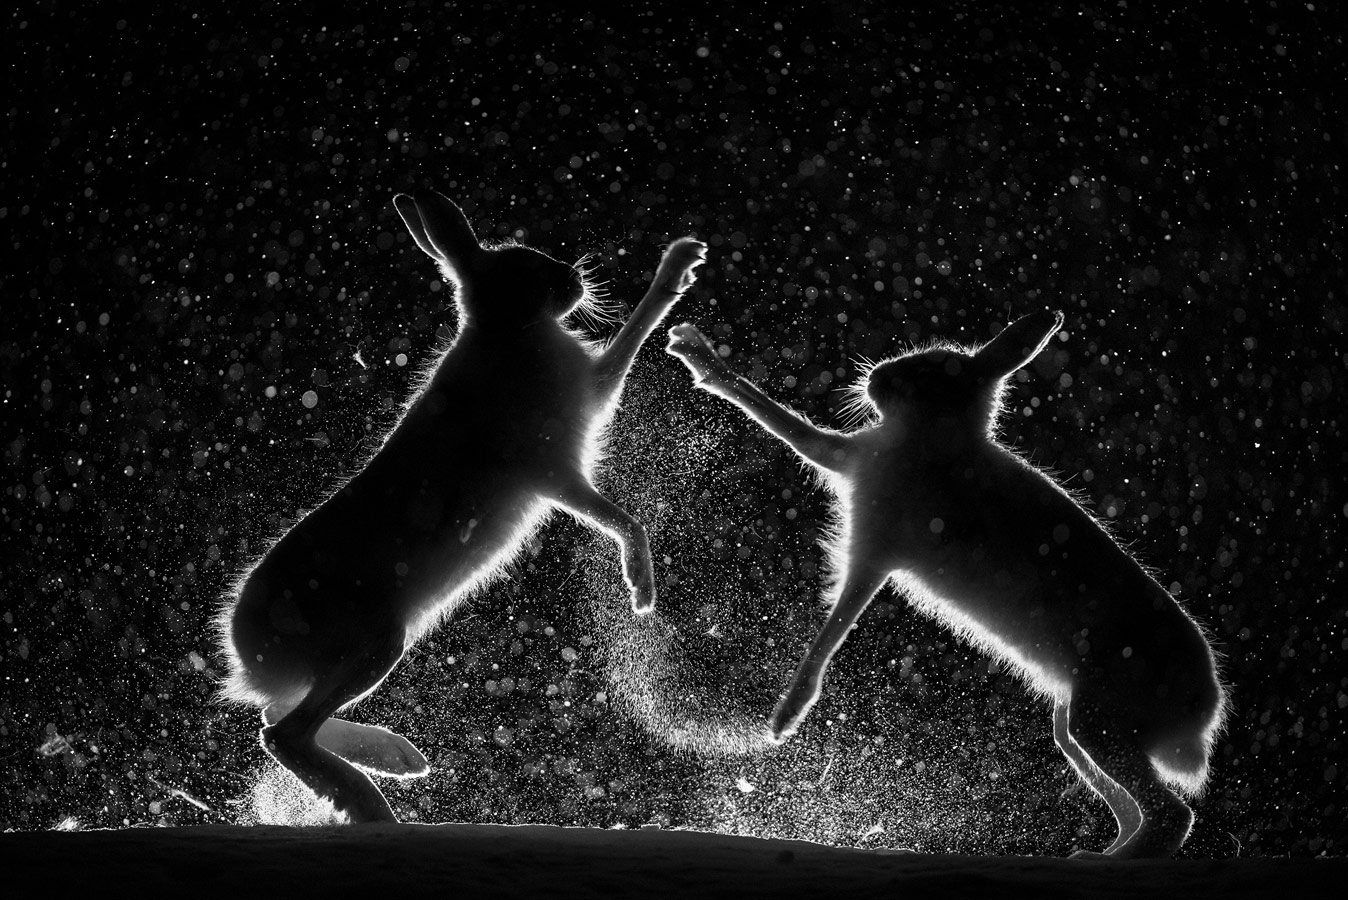 Снежная потасовка, © Эрленд Хааберг, Победитель, Фотоконкурс «Золотая Черепаха»